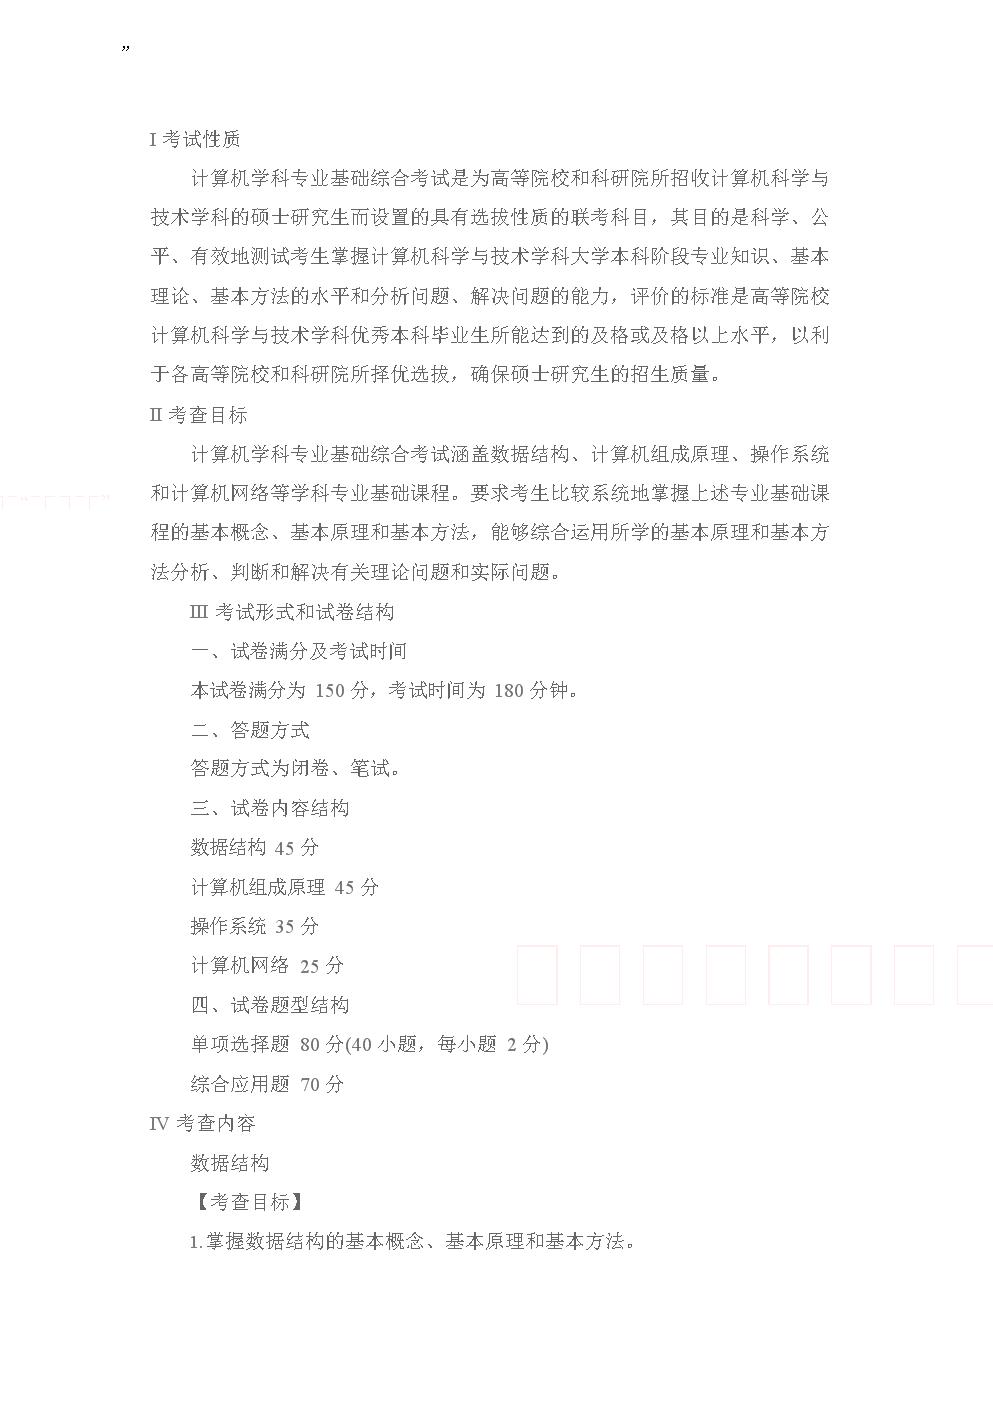 2019年计算机大纲(原文).docx